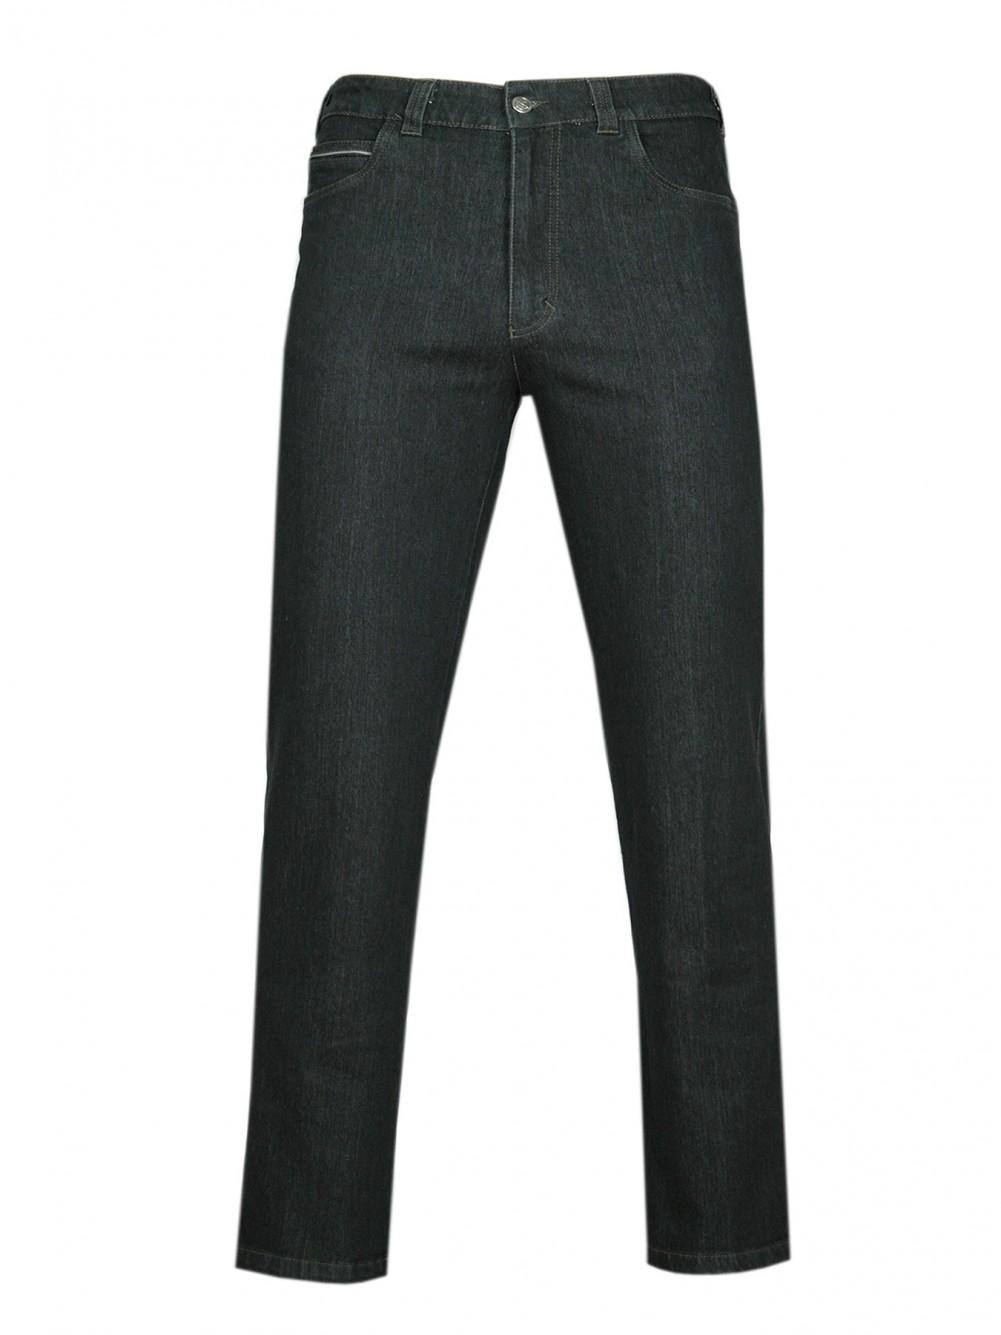 Stretch-Jeans, modische Stretchhosen für Herren - Black